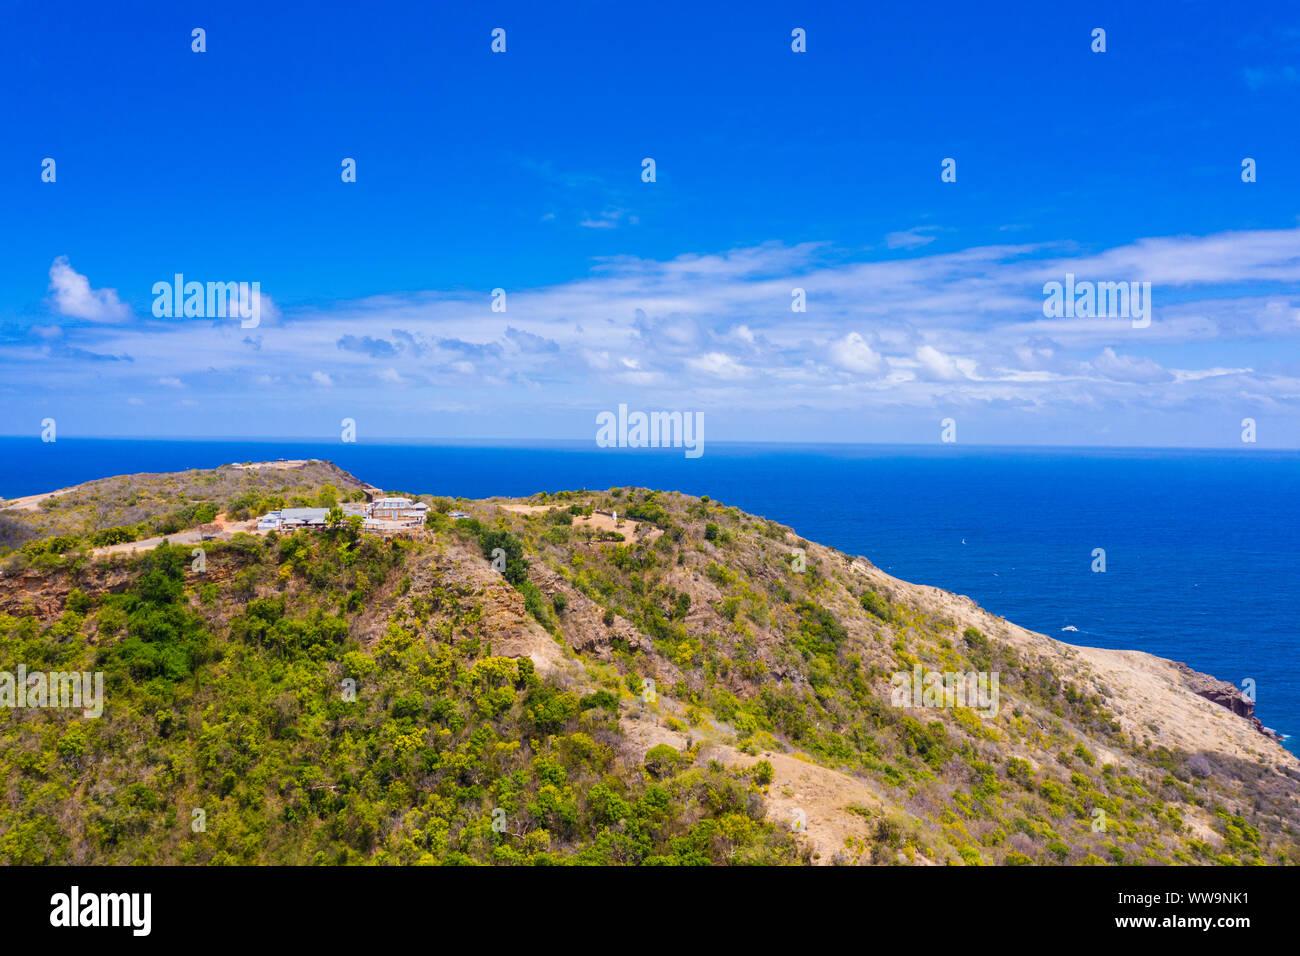 Vue aérienne de Shirley Heights Belvedere sur une colline donne sur la mer des Caraïbes, Antigua, Antigua et Barbuda, Caraïbes, Antilles Banque D'Images